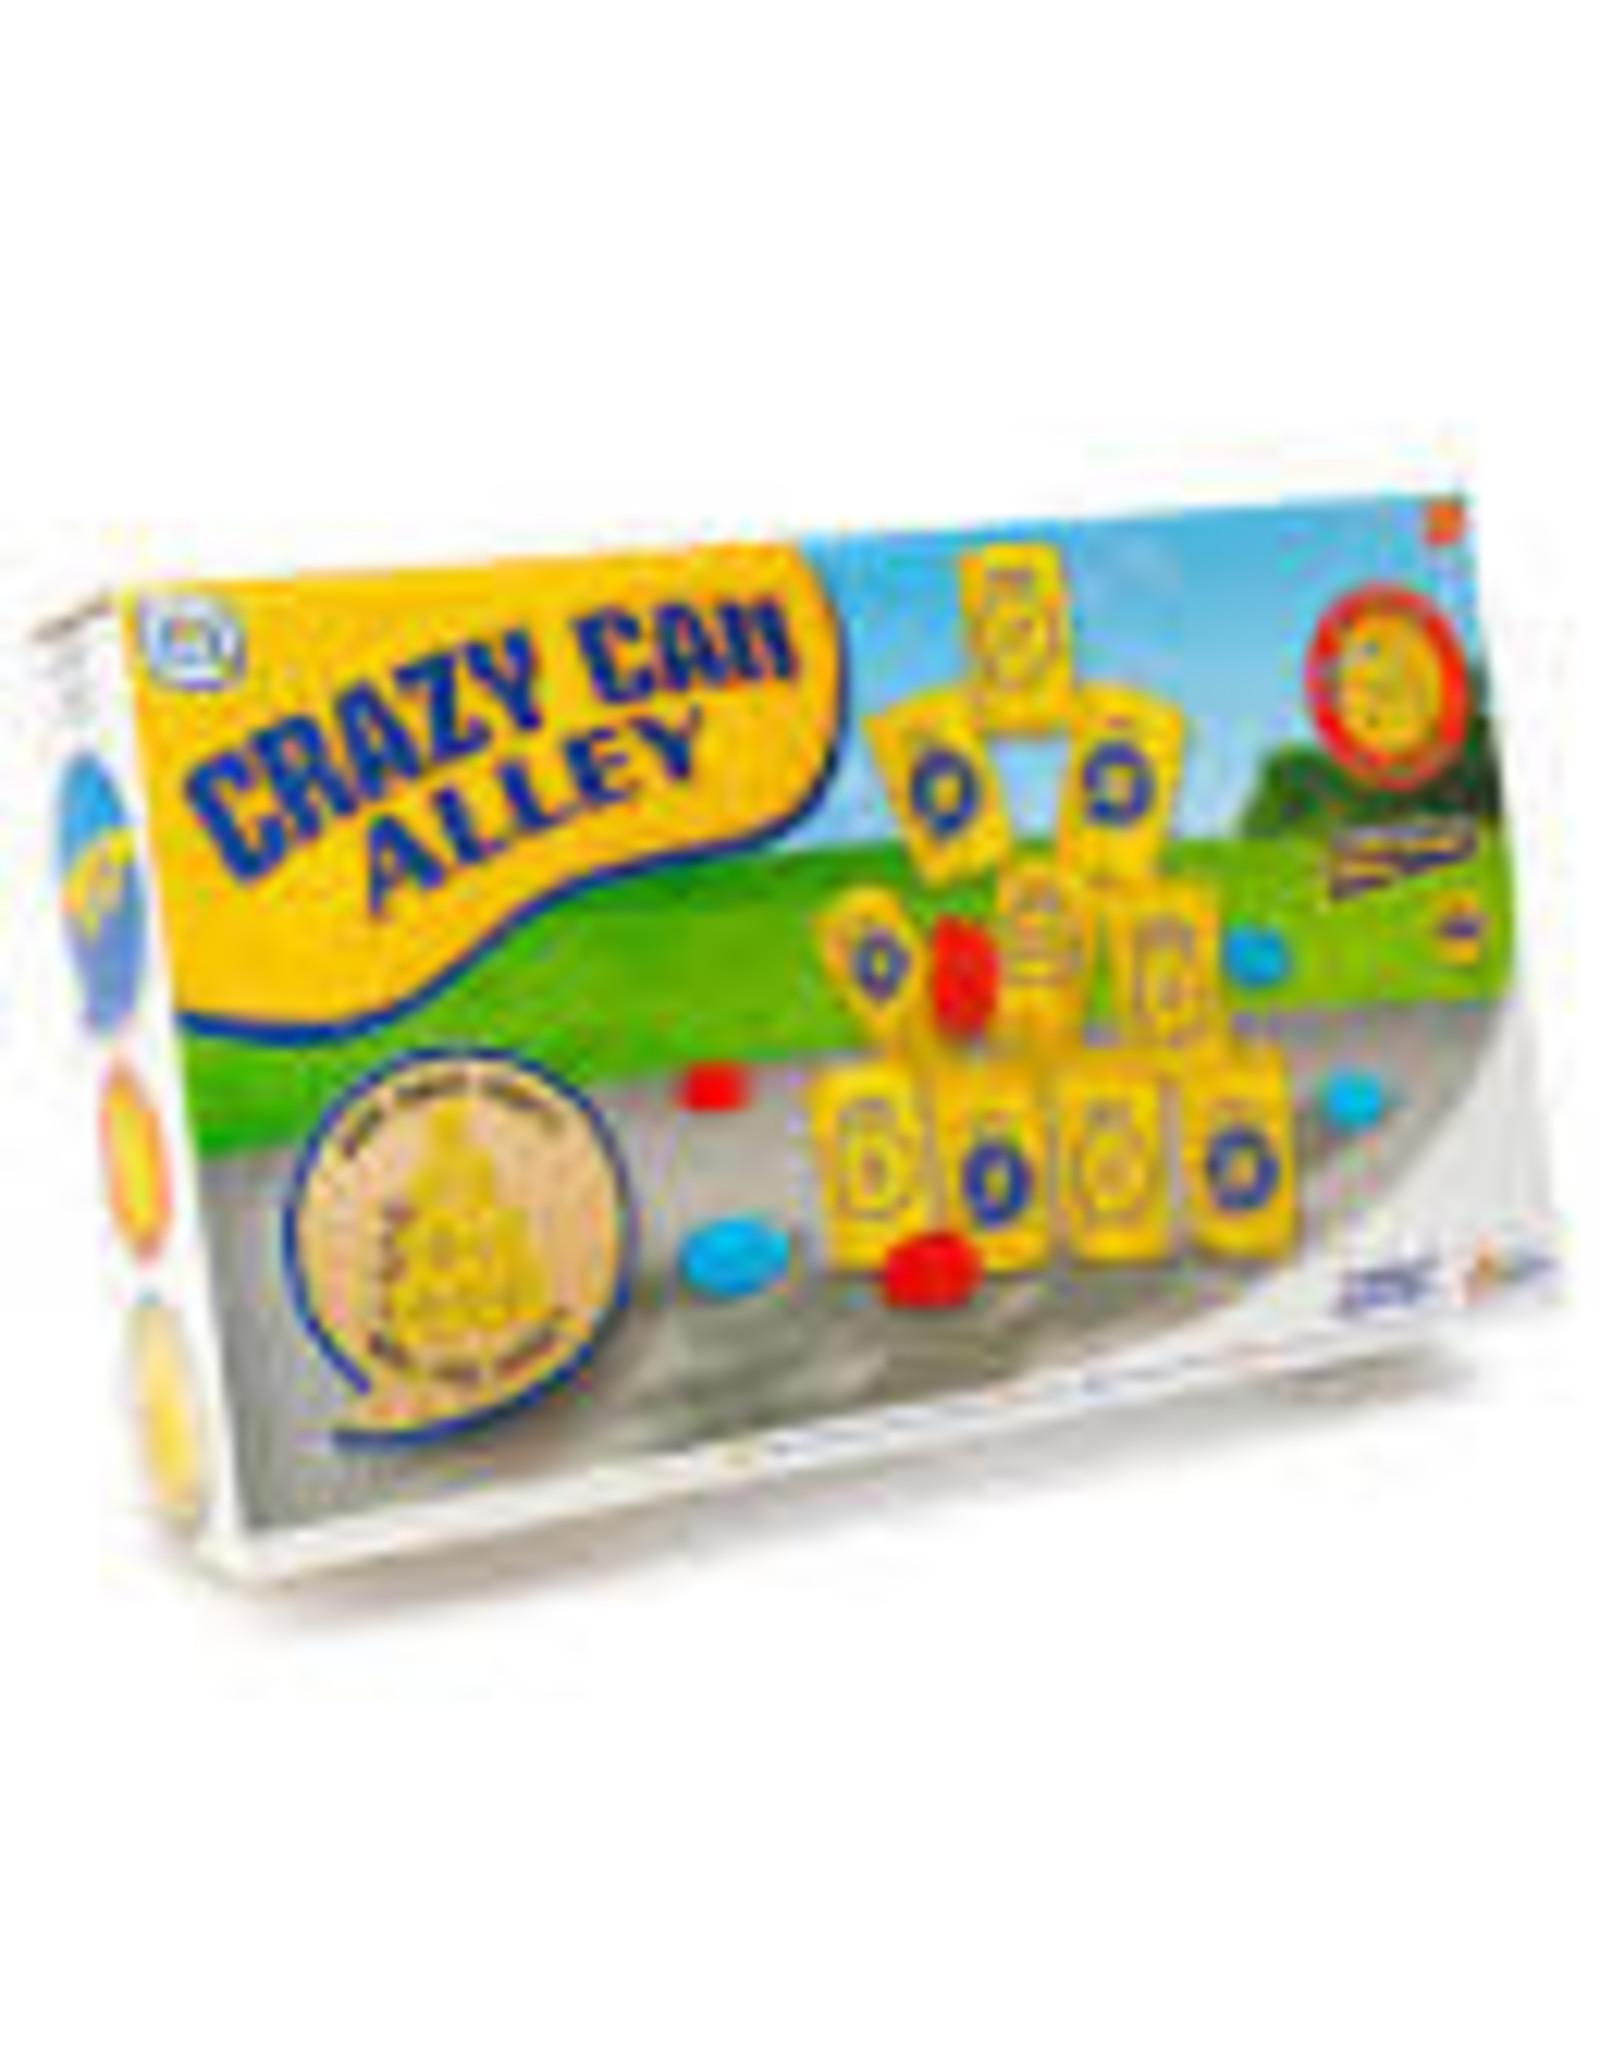 GRAFIX CAN ALLEY GAME OUTDOOR KIDS CHILDREN